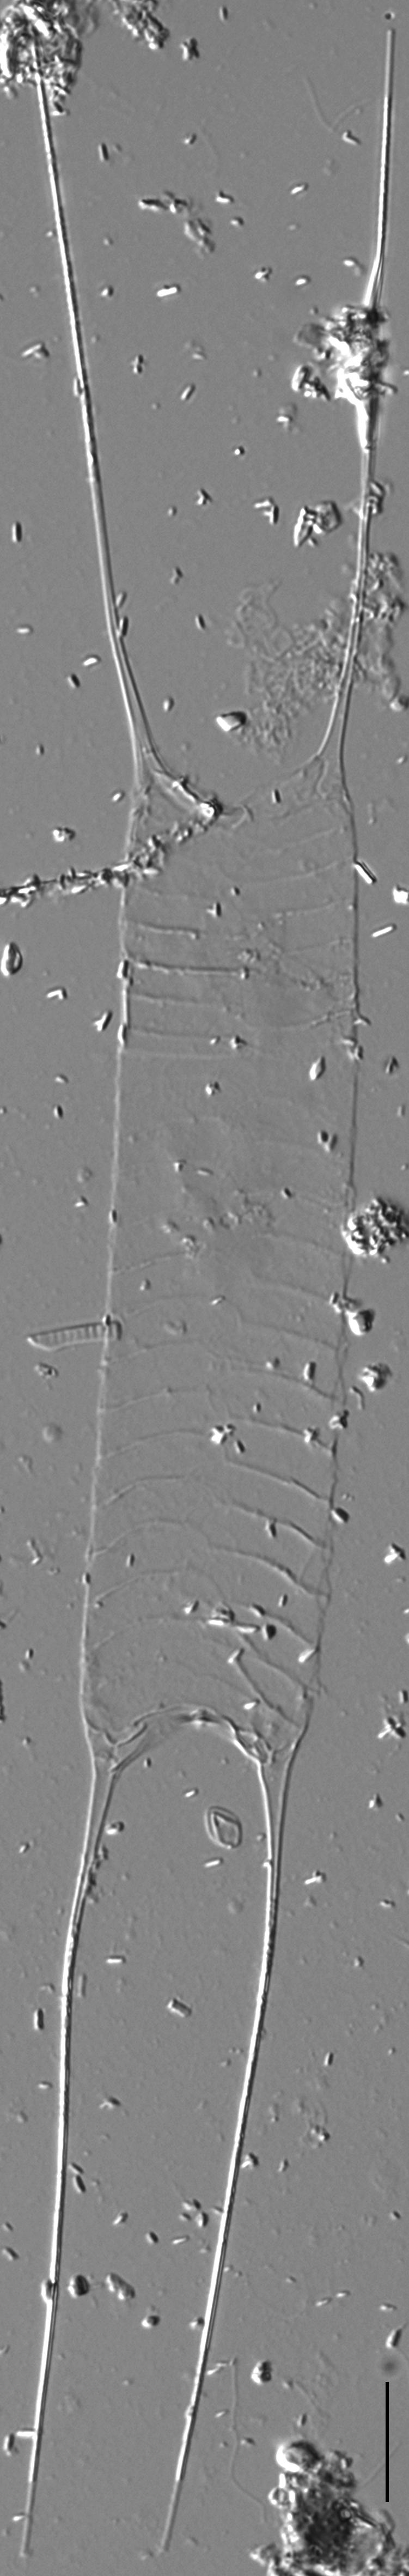 Acanthoceras zachariasii LM2